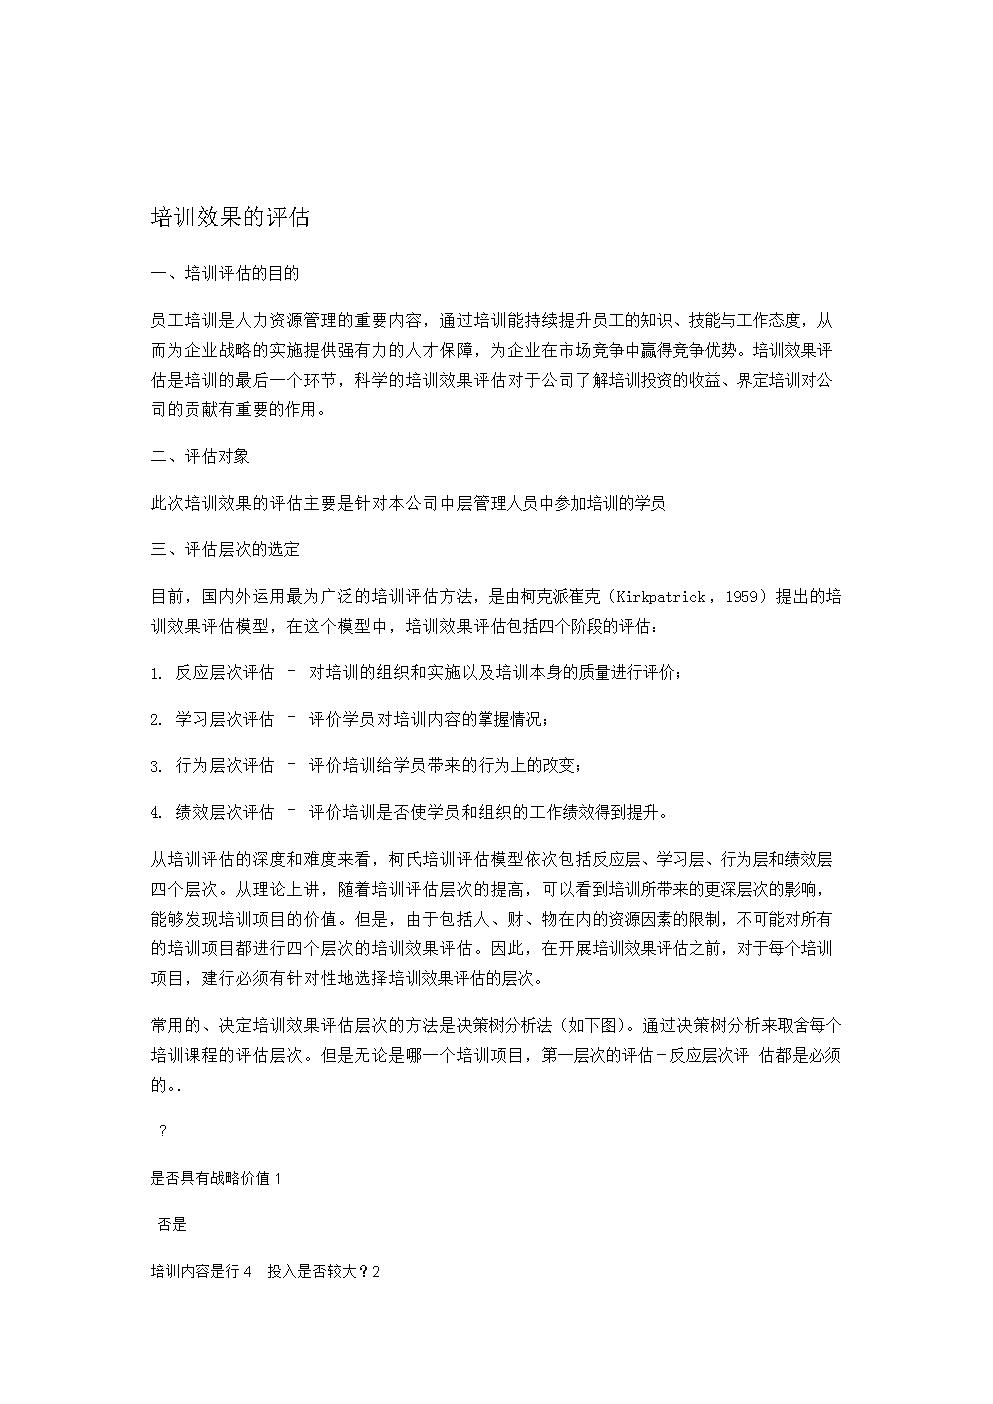 完整word版培训效果评价.doc